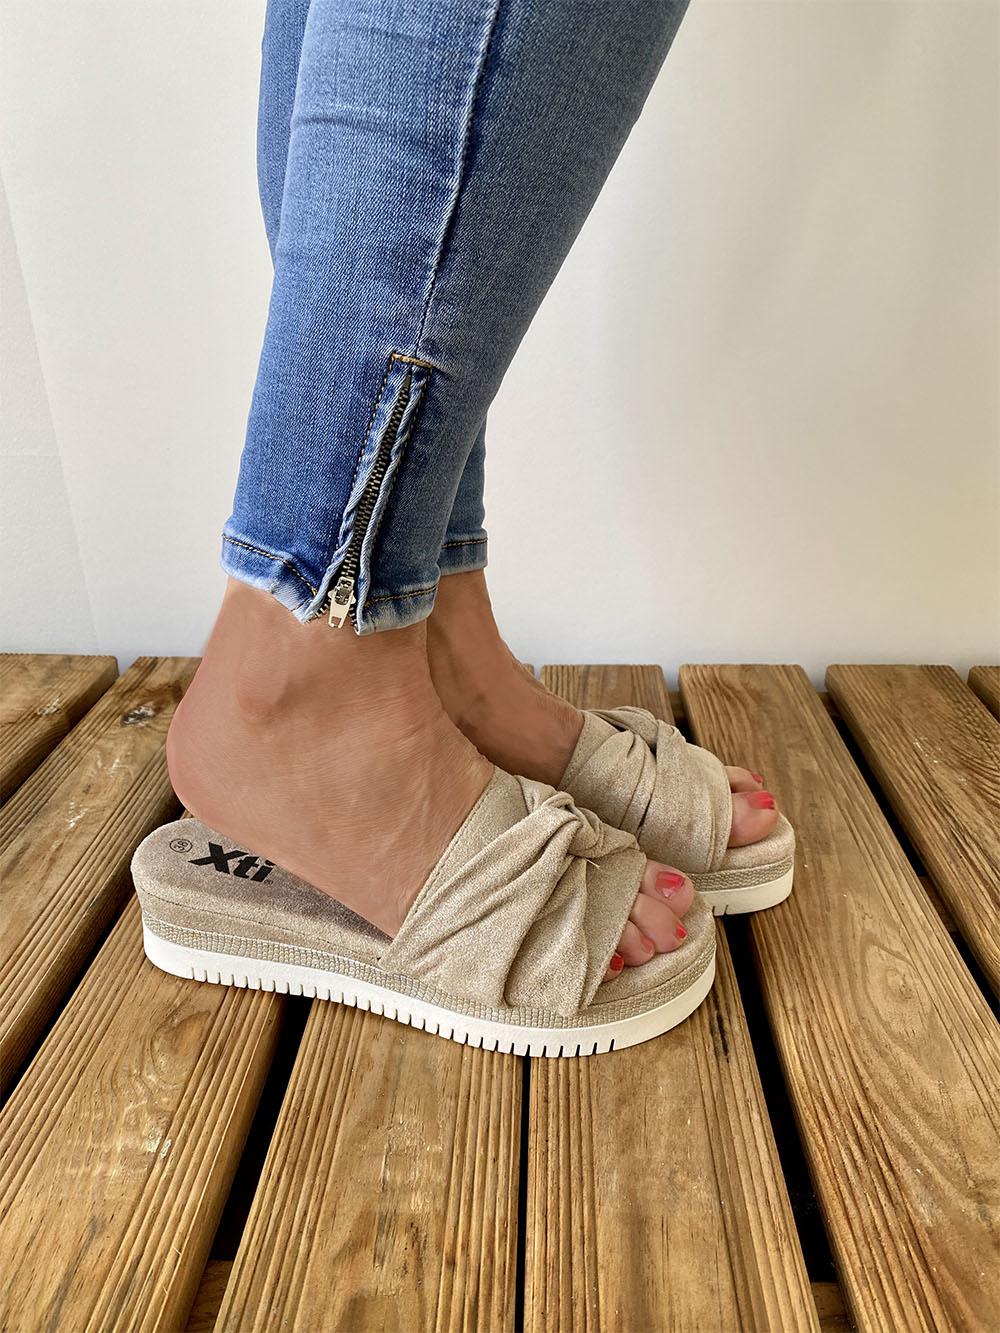 Foot photo  Main